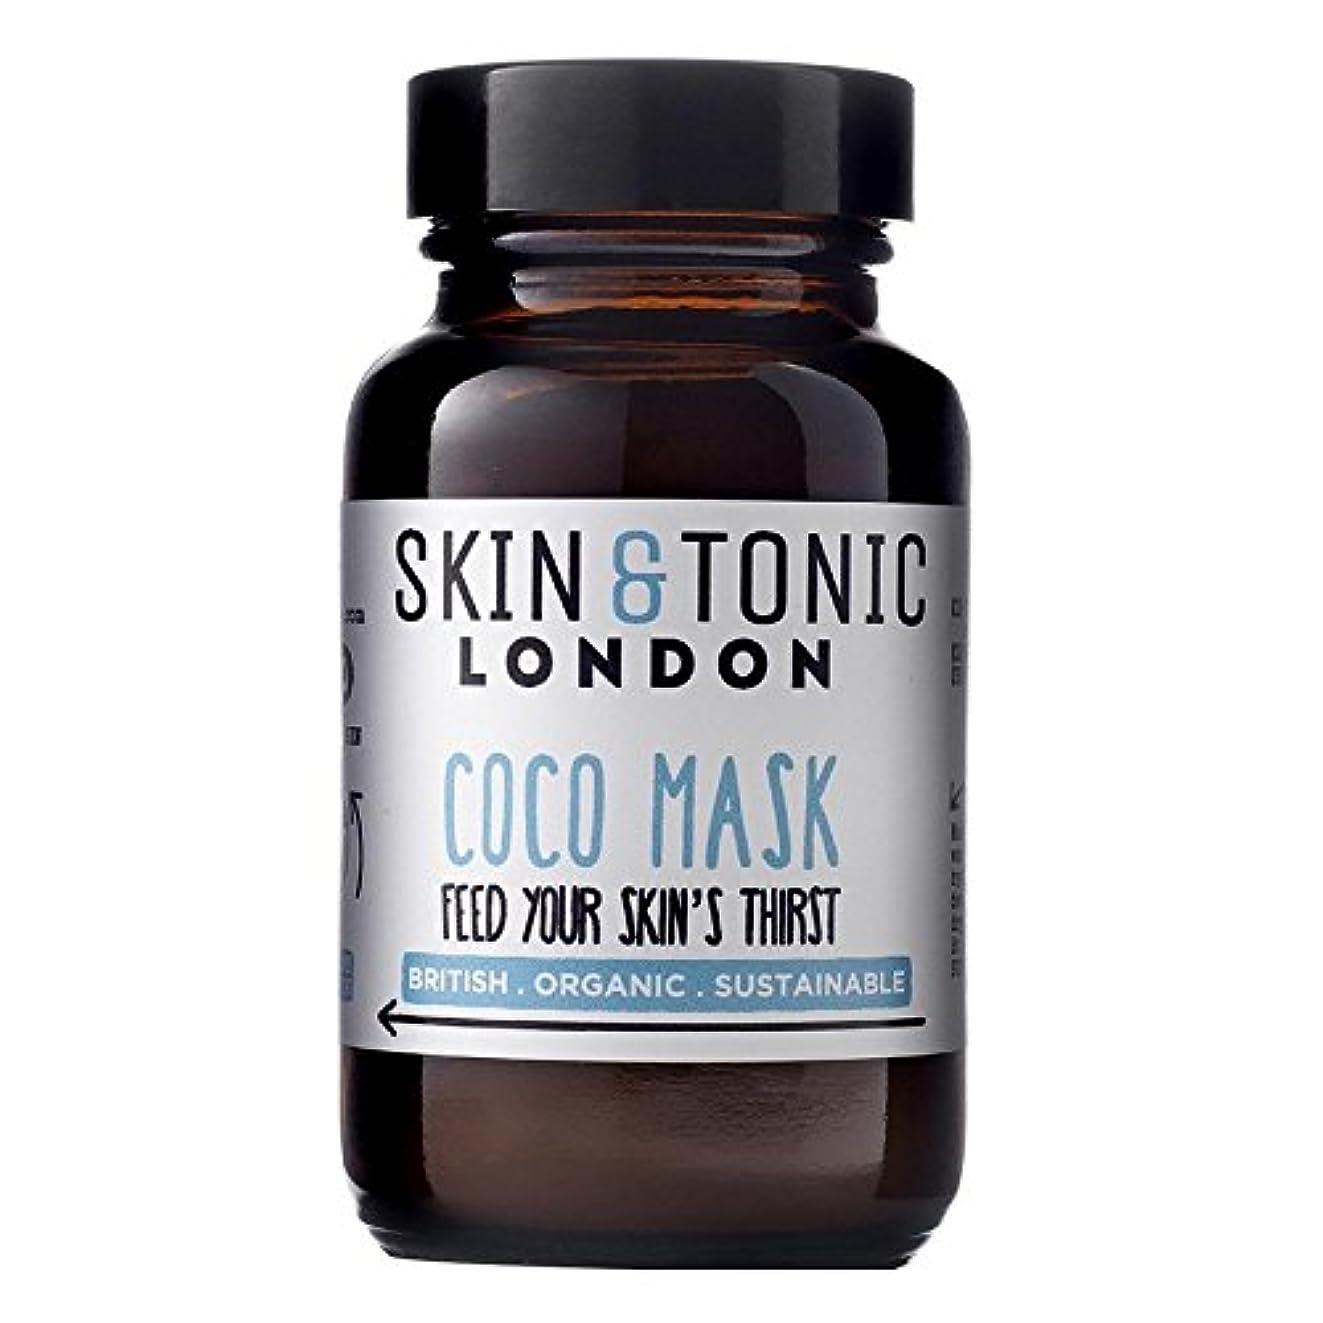 くしゃみチーム気質Skin & Tonic London Coco Mask 50g - スキン&トニックロンドンココマスク50グラム [並行輸入品]